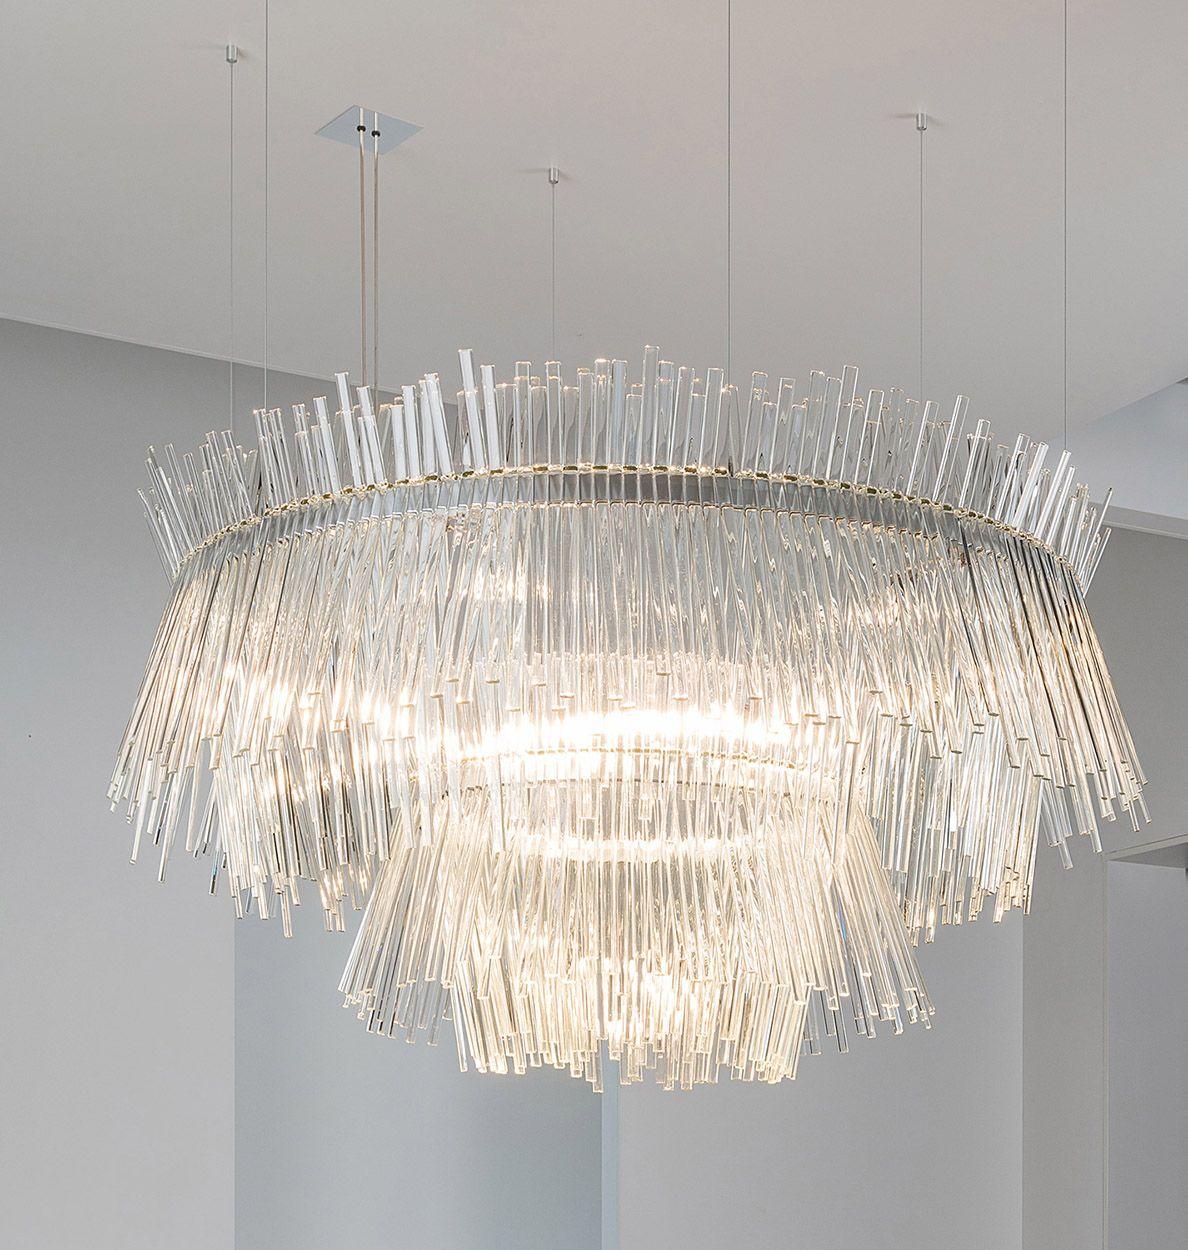 Rondo fano bespoke chandelier buschfeld design isabel hamm licht rondo fano bespoke chandelier buschfeld design isabel hamm licht arubaitofo Images